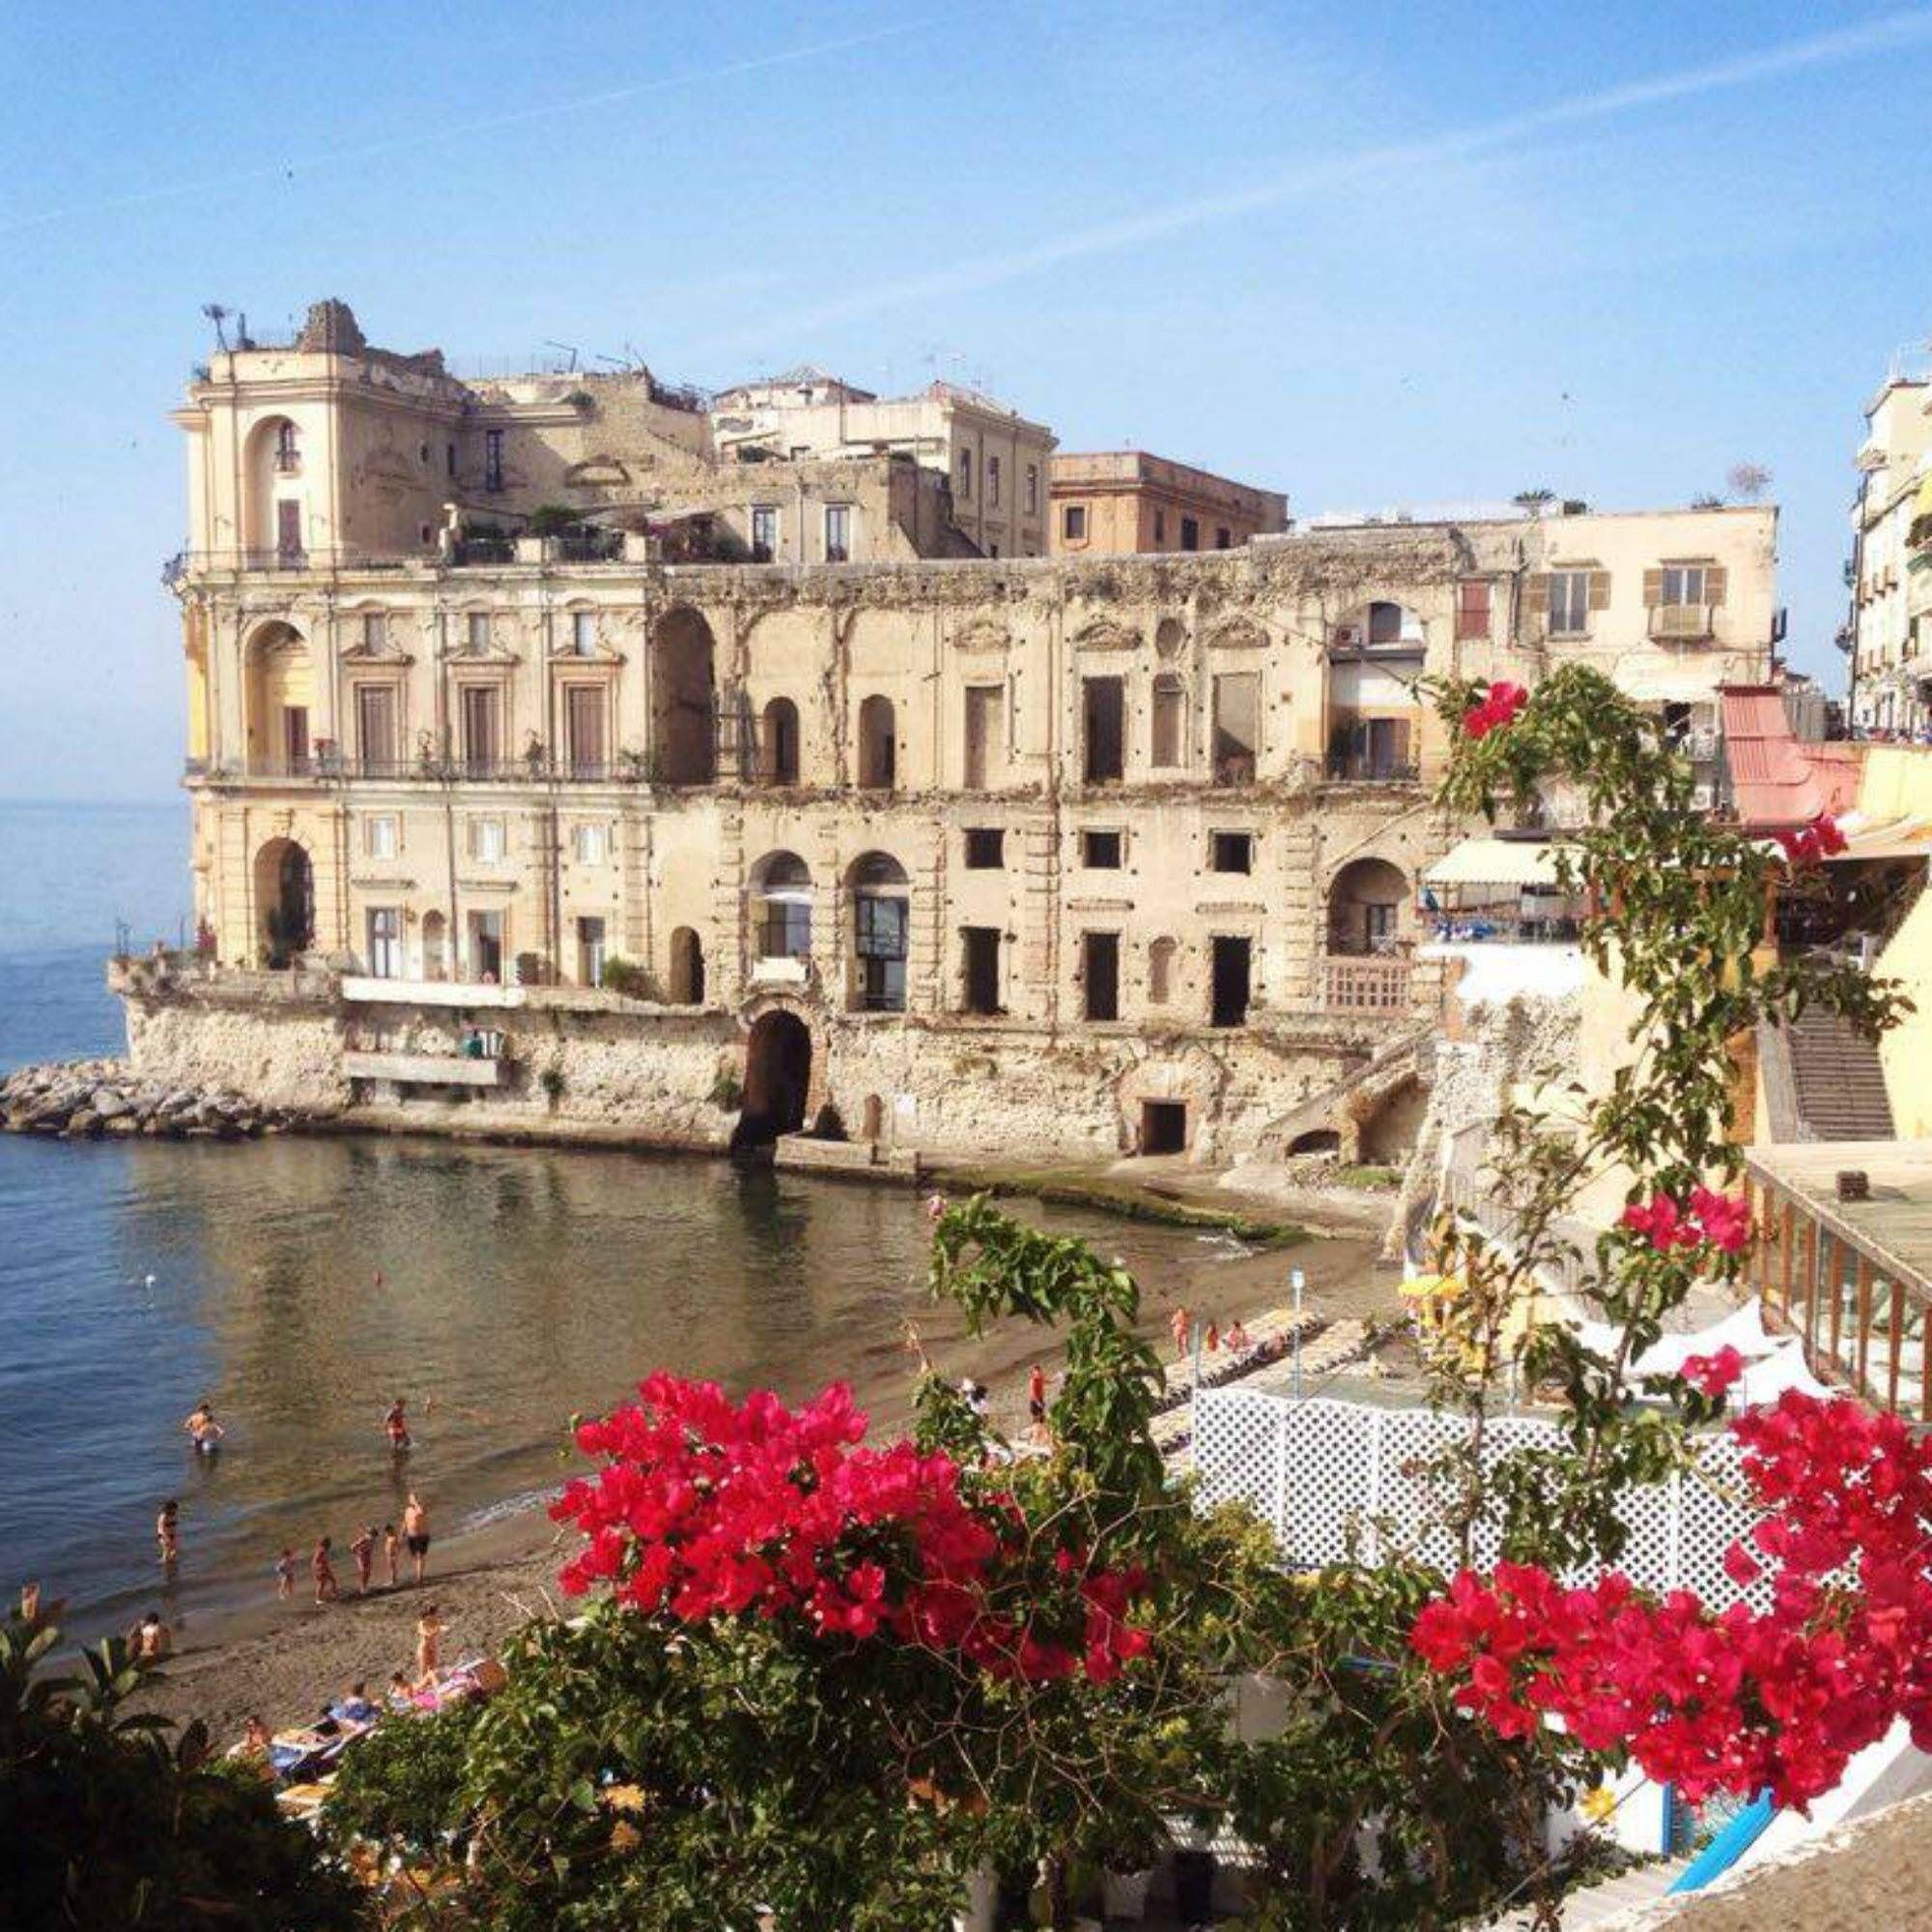 Palazzo donn'Anna, Posillipo Southern italy, Italy, Napoli